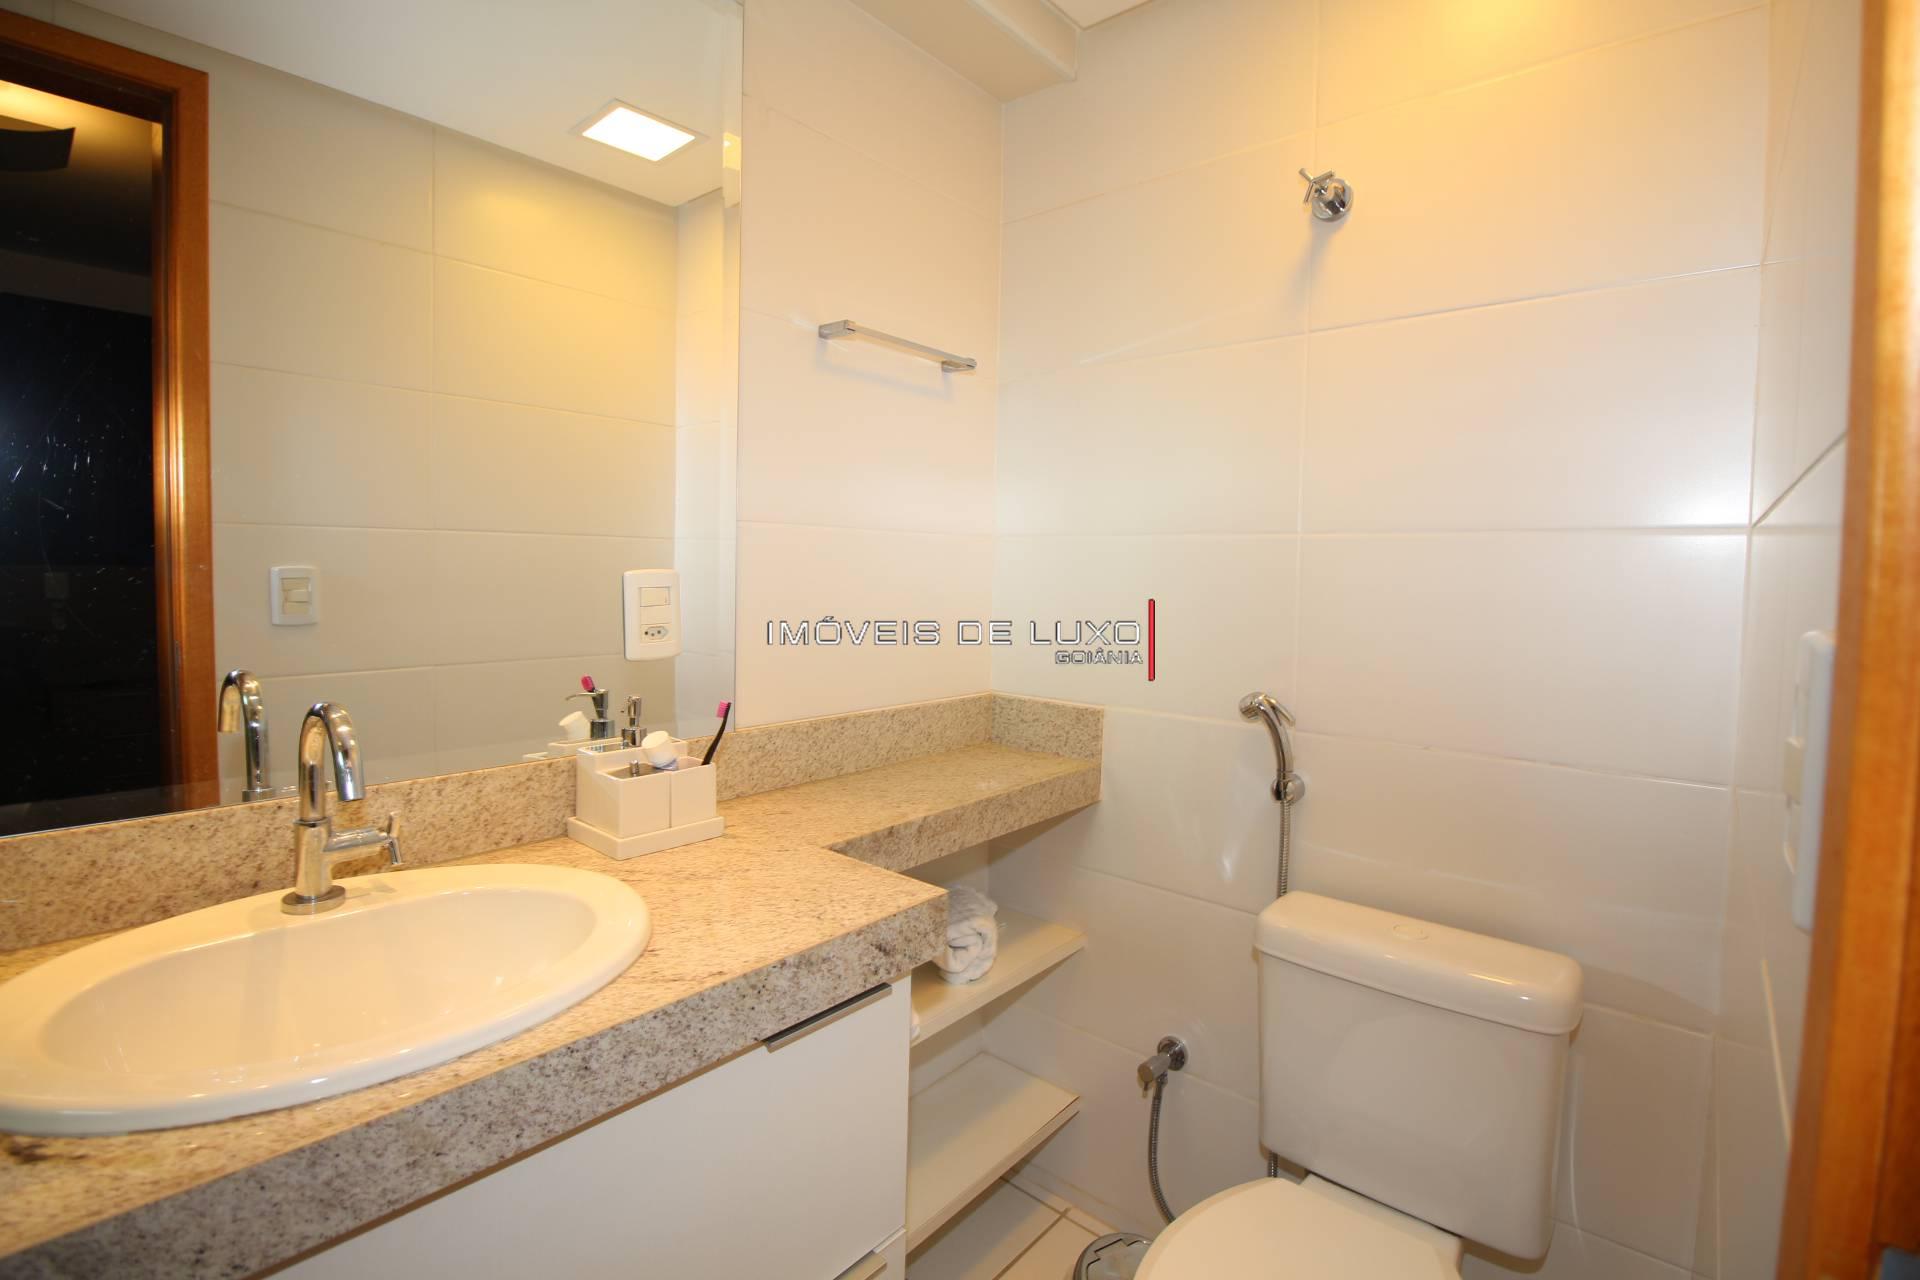 Imóveis de Luxo - Apartamento 4 suítes mobiliado próximo à T 4